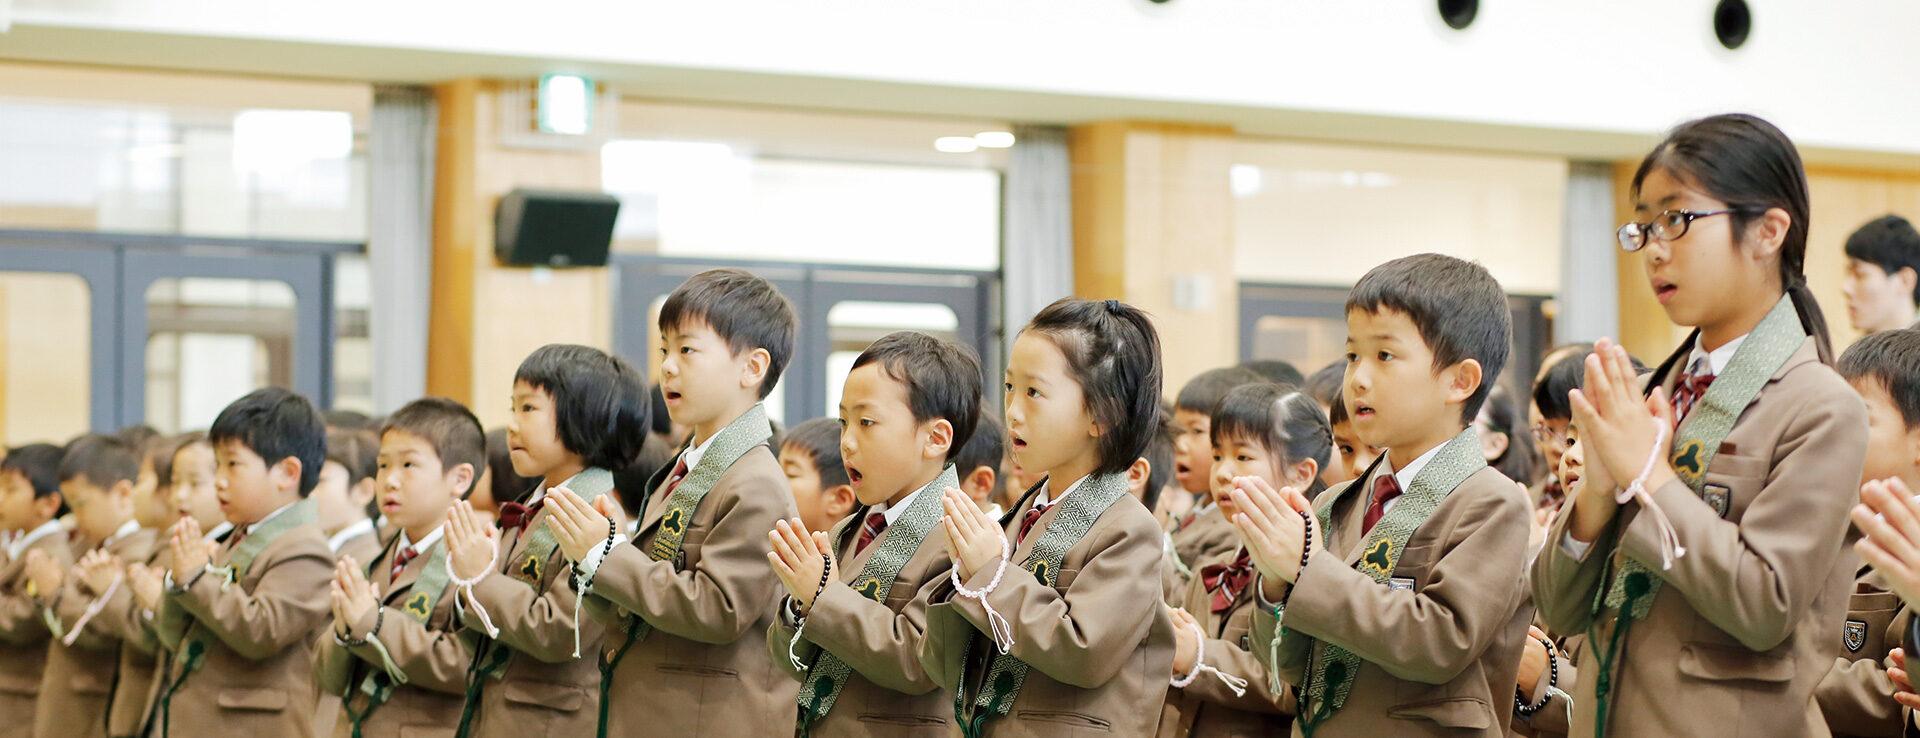 洛南高等学校附属小学校の教育